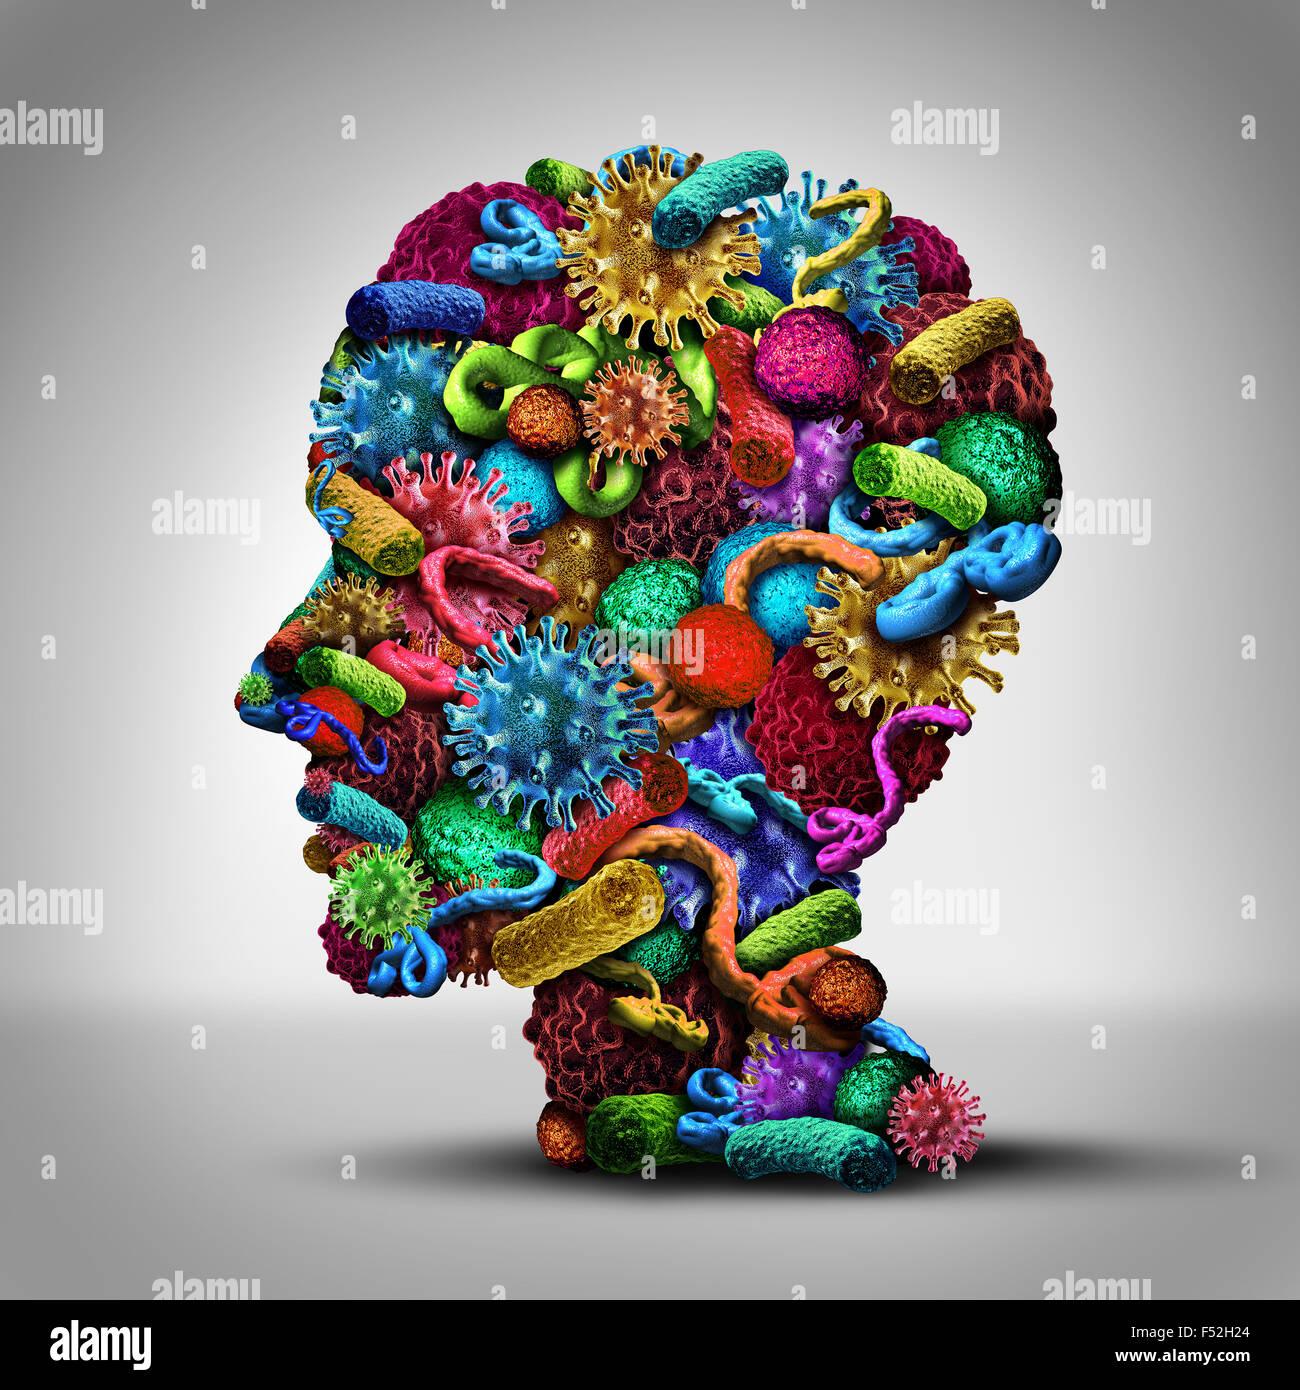 Krankheit denken Krankheit Probleme und medizinisches Konzept als eine Gruppe von Bakterien, Krebszellen und Ebola Stockbild